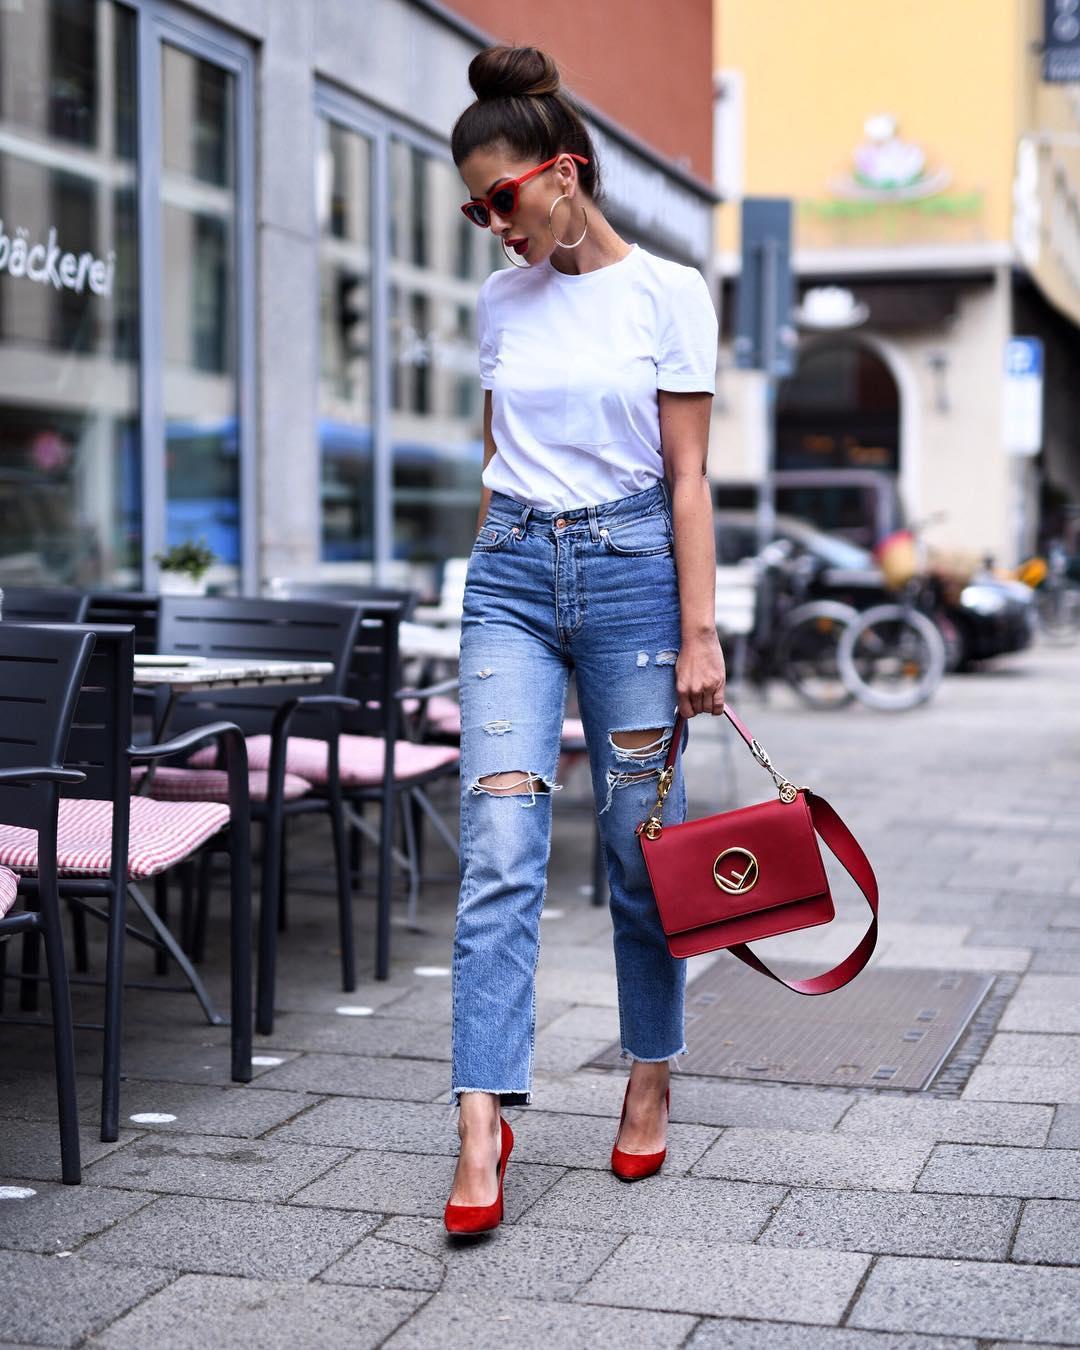 модные образы весна-лето 2019 для женщин после 40 фото_13